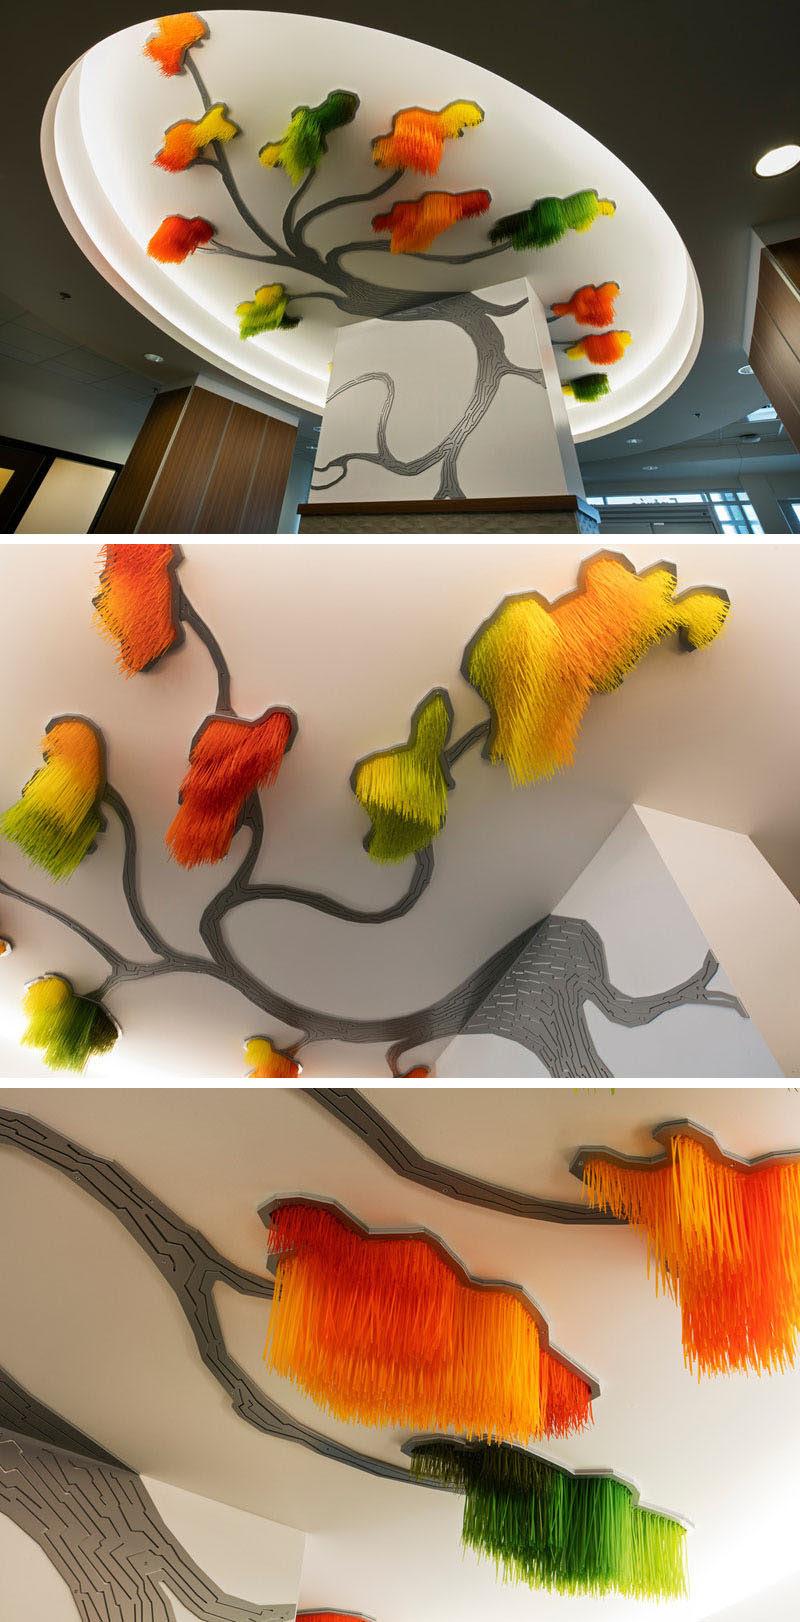 L'artiste Elisabeth Picard a créé cette grande installation d'art moderne en forme d'arbre composée de tirants teints, d'aluminium peint et de projecteurs à LED.  La pièce porte le nom «Sous le grand arbre: racine, feuille et fleur», qui se traduit par «Sous le grand arbre: racine, feuille et fleur».